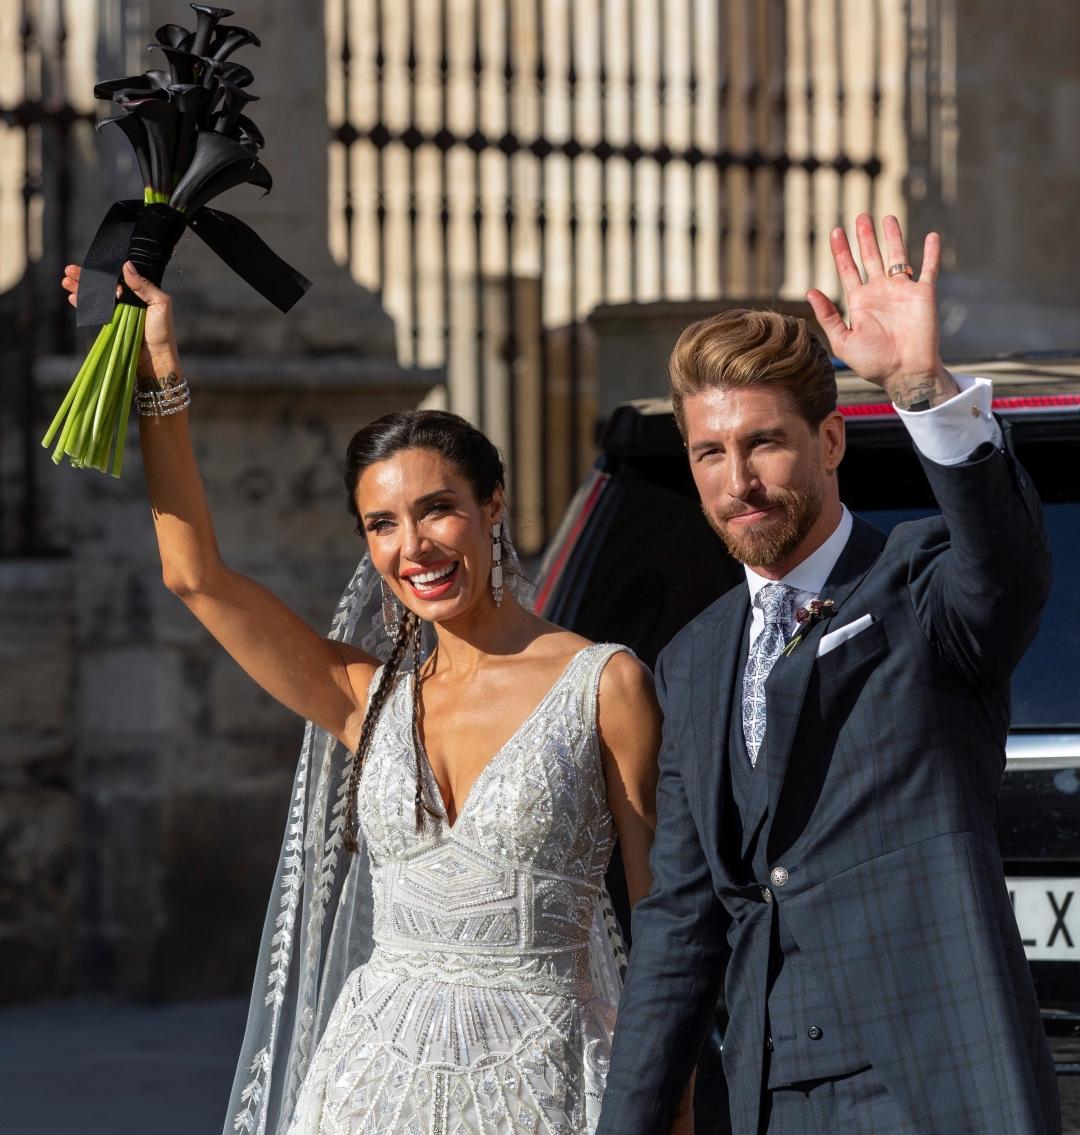 Foto: La presentadora Pilar Rubio y el futbolista Sergio Ramos, a la salida de la Catedral, 15 junio 2019